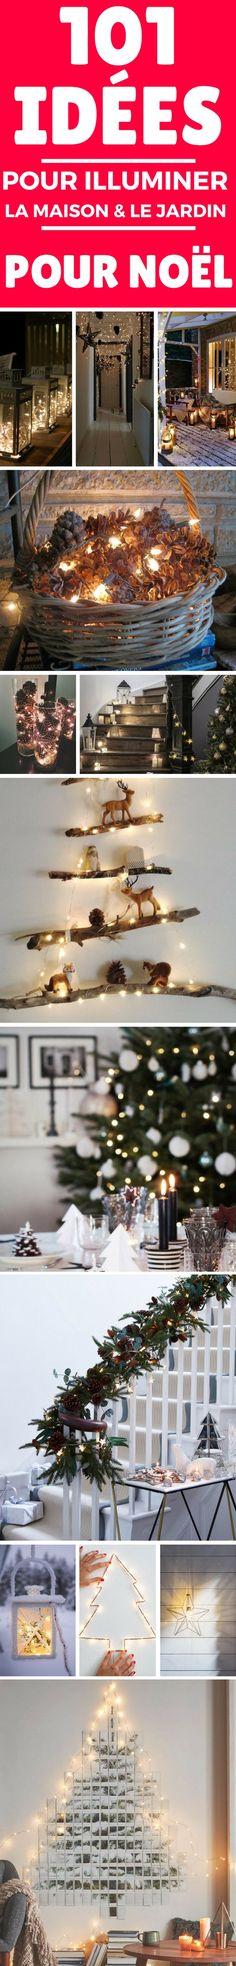 Cliquez sur cette épingle et laissez vous inspirer pour + de 101 idées pour illuminer votre maison et votre jardin pour Noël. Les plus belles idées lumineuses pour Noël !